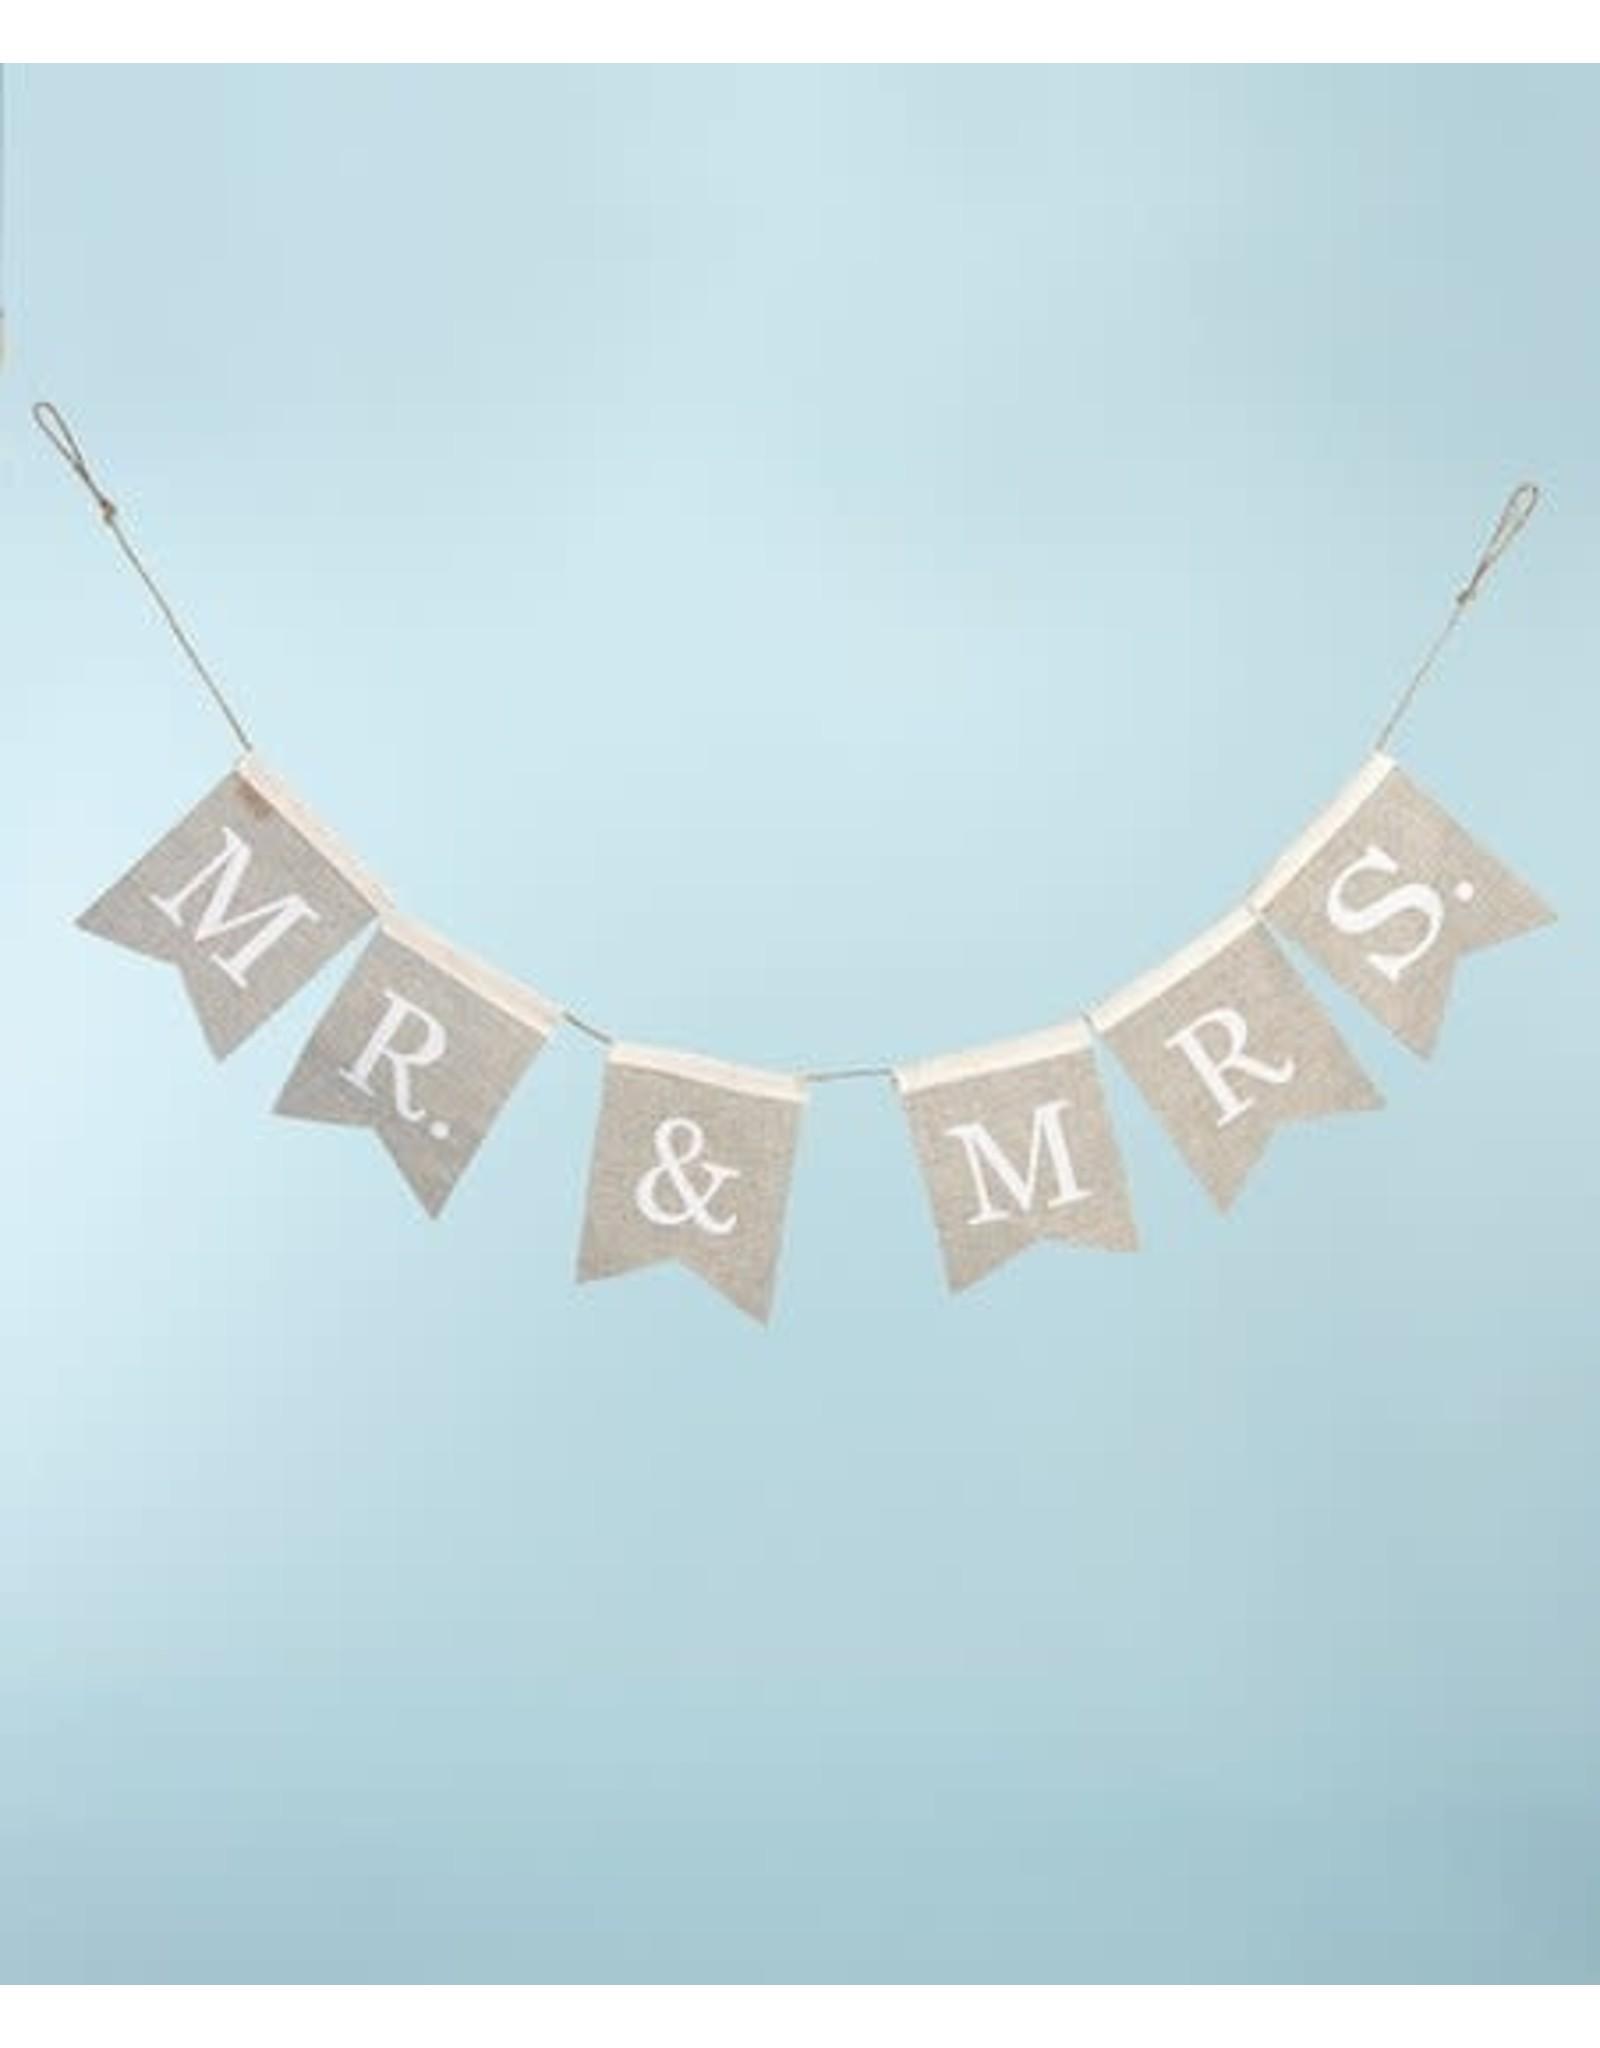 Evergreen Enterprises Mr. & Mrs. Burlap Bunting Banner